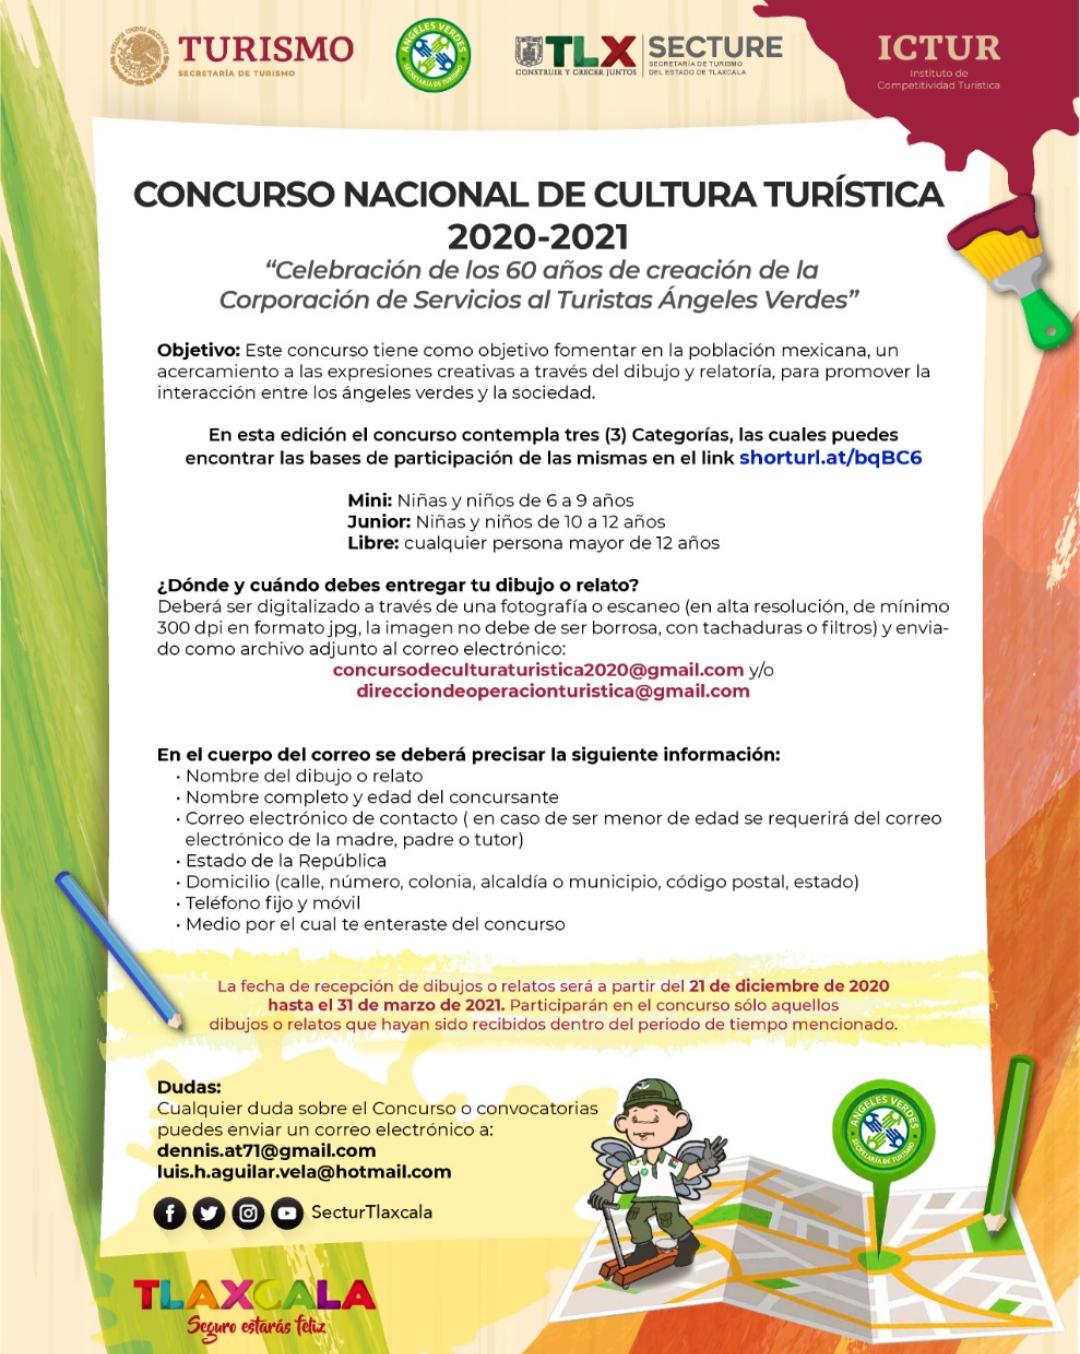 Invita Secture a participar en el concurso nacional de cultura turística.